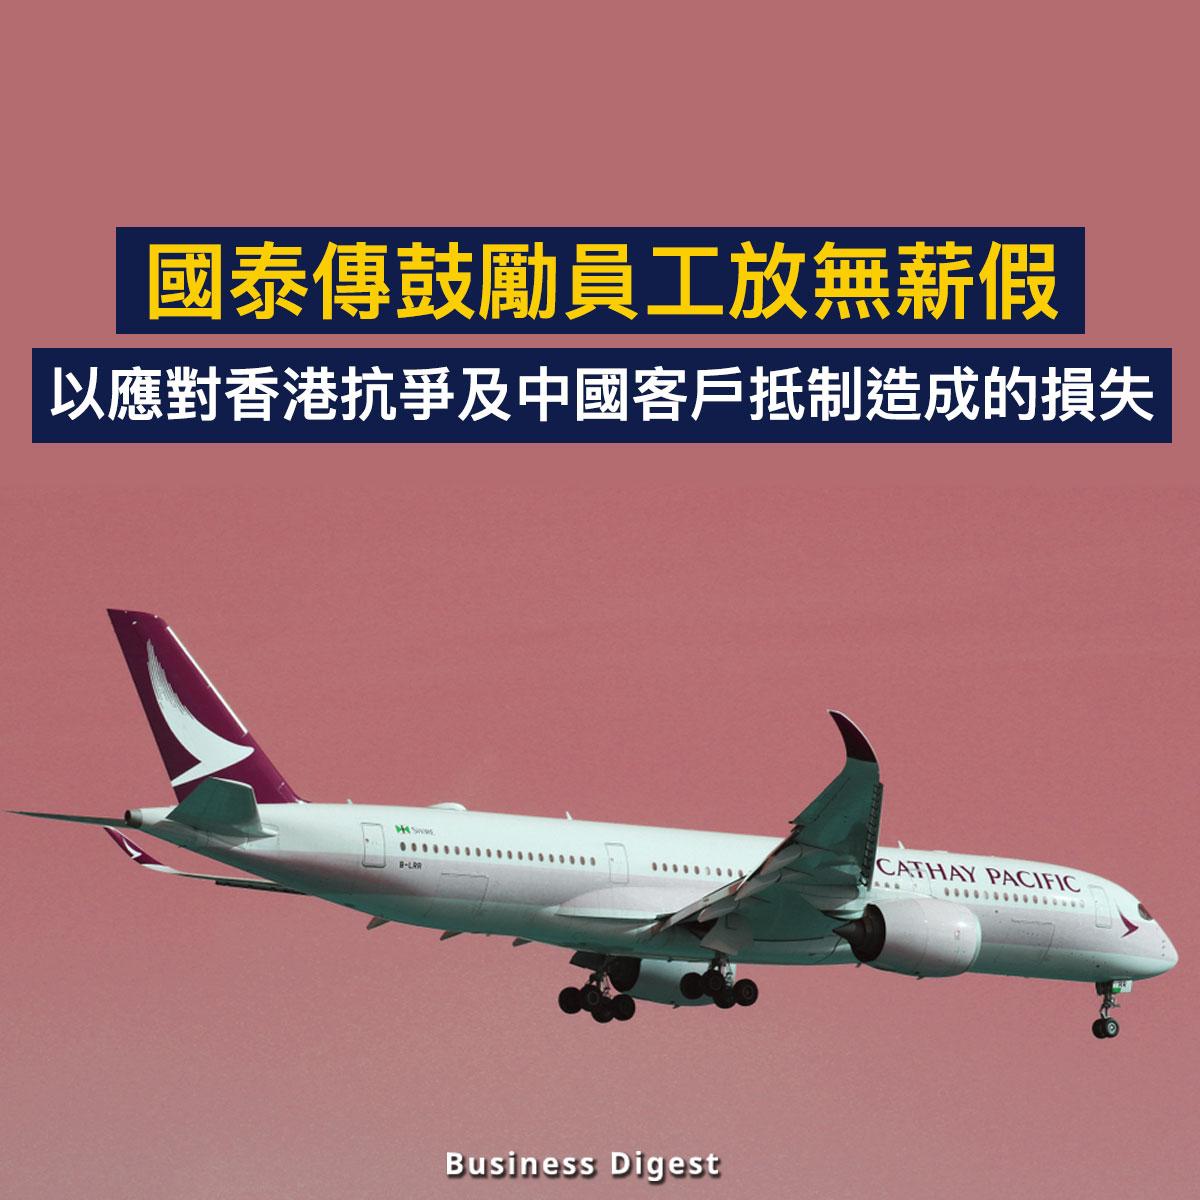 【商業熱話】國泰傳鼓勵員工放無薪假,以應對香港抗爭及中國客戶抵制造成的損失